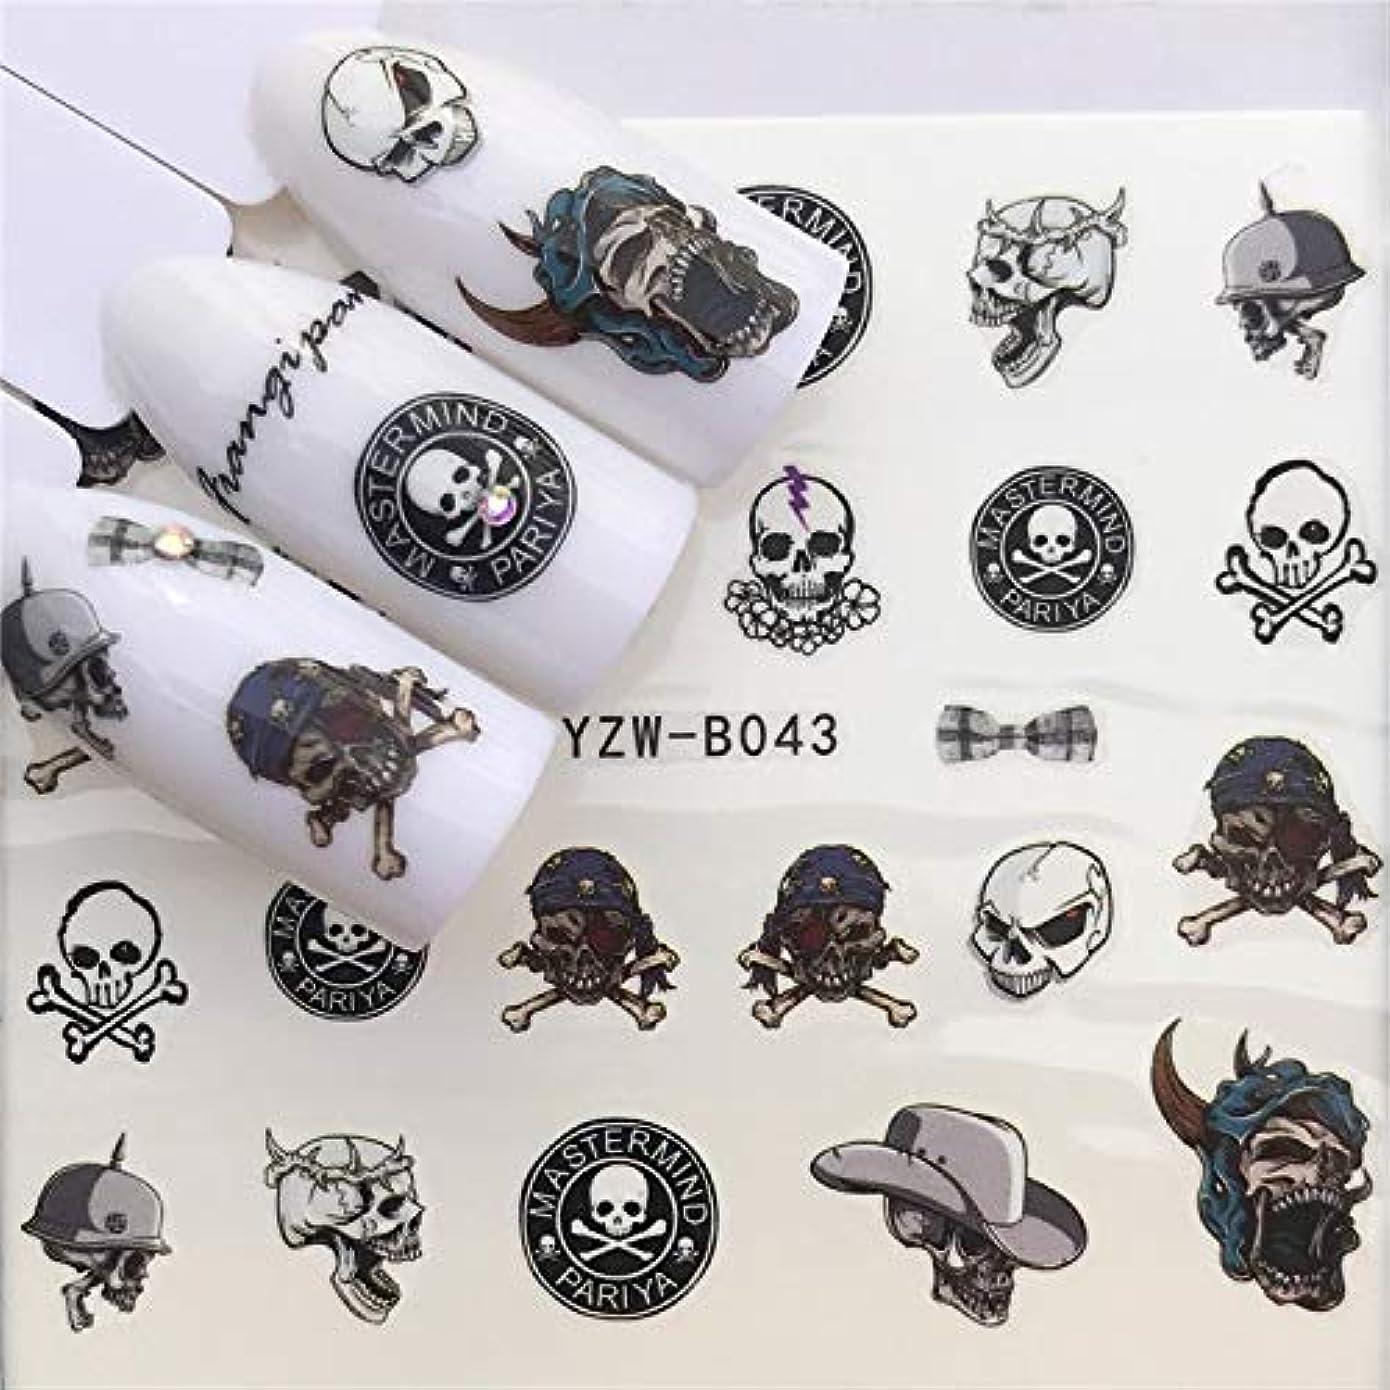 ママ減らすショッキング手足ビューティーケア 3個ネイルステッカーセットデカール水転写スライダーネイルアートデコレーション、色:YZWB043